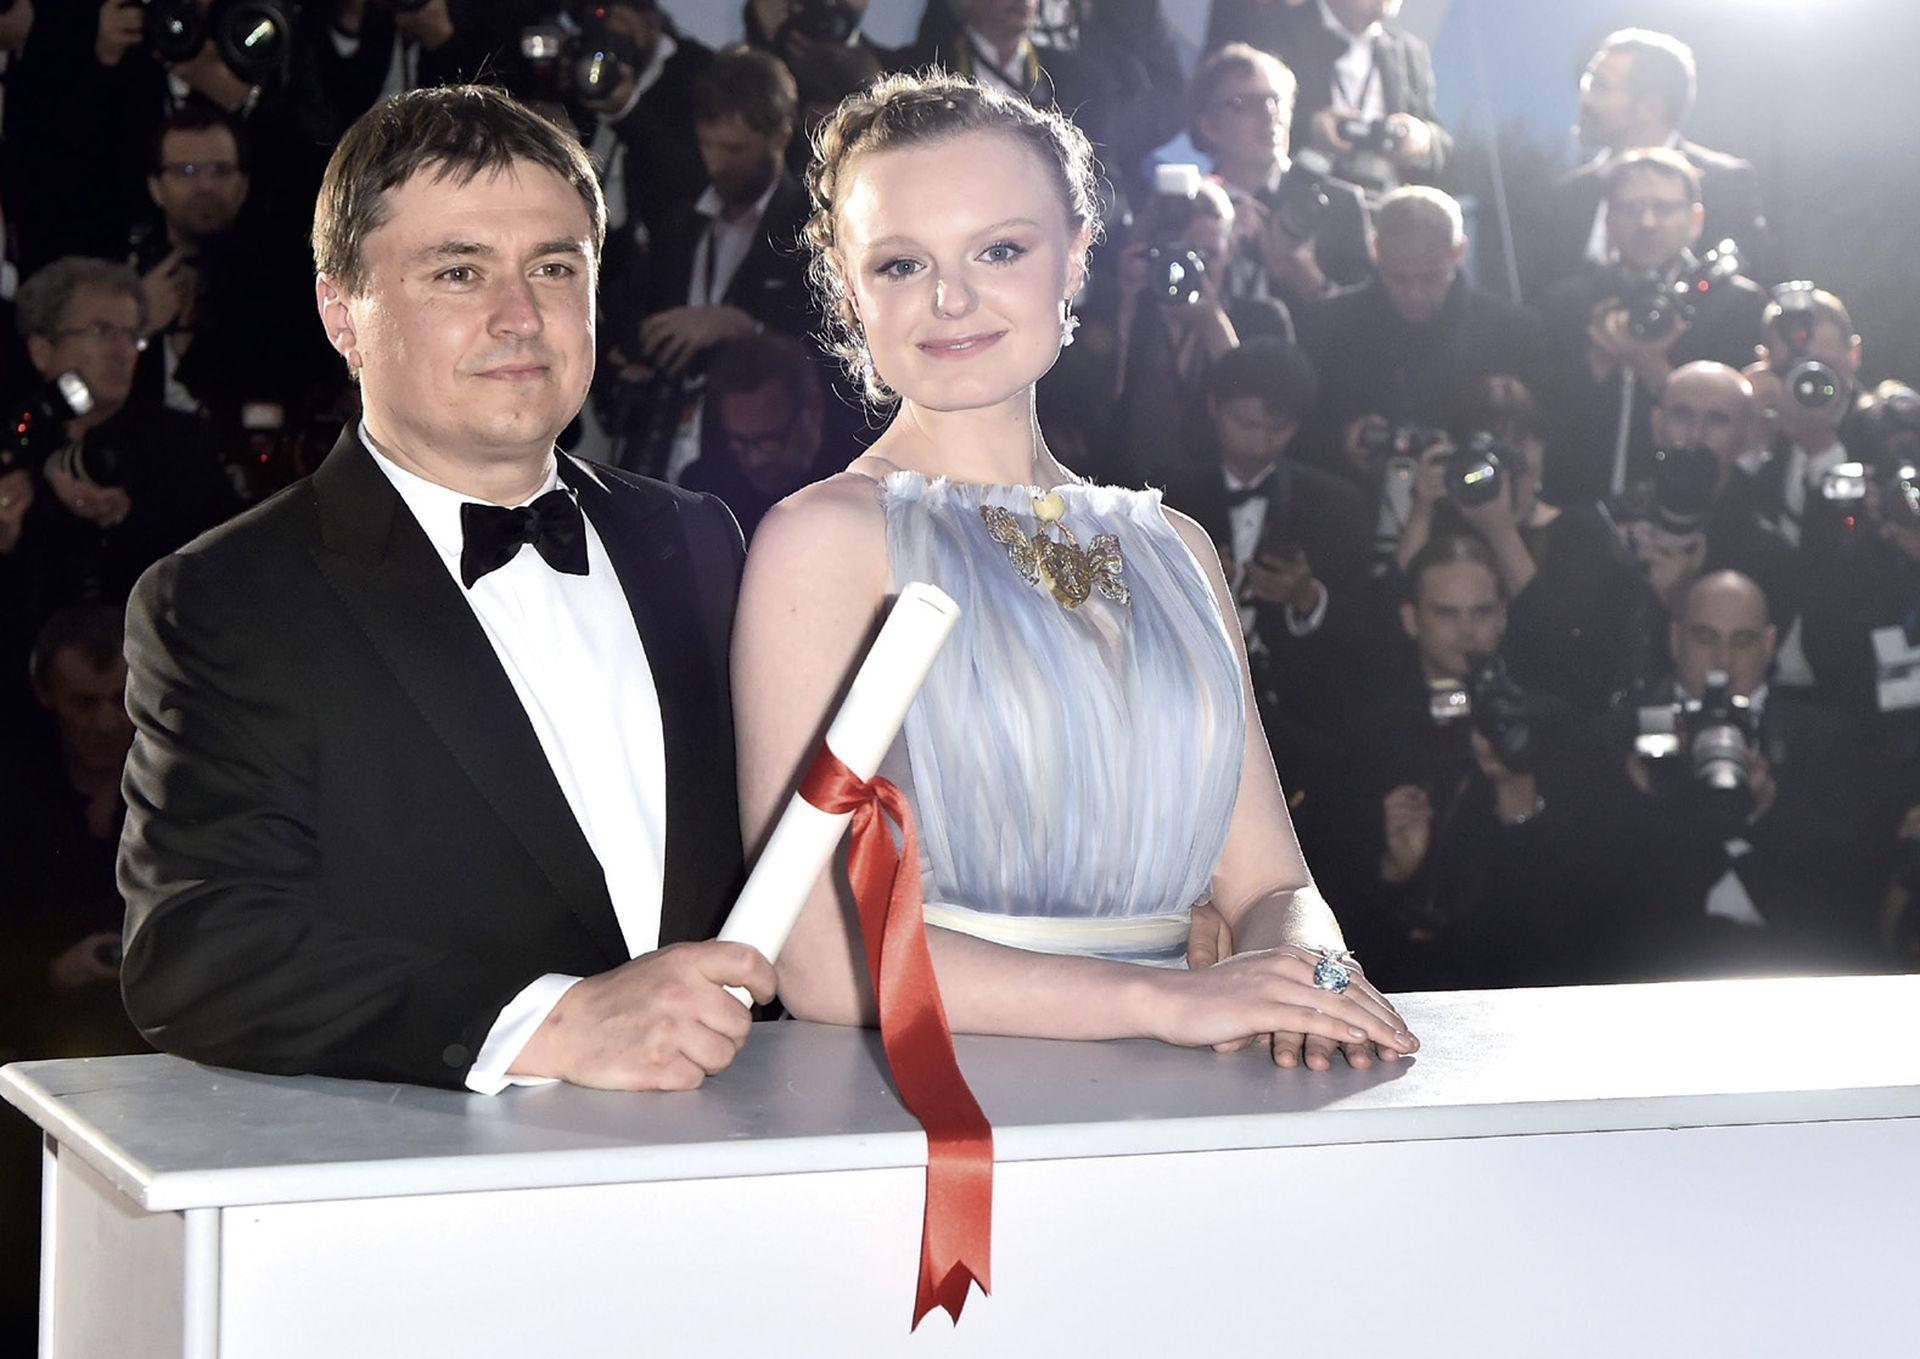 INTERVIEW: CRISTIAN MUNGIU 'Uspjeh rumunjskog filma je neobjašnjiv, čak i slučajan'